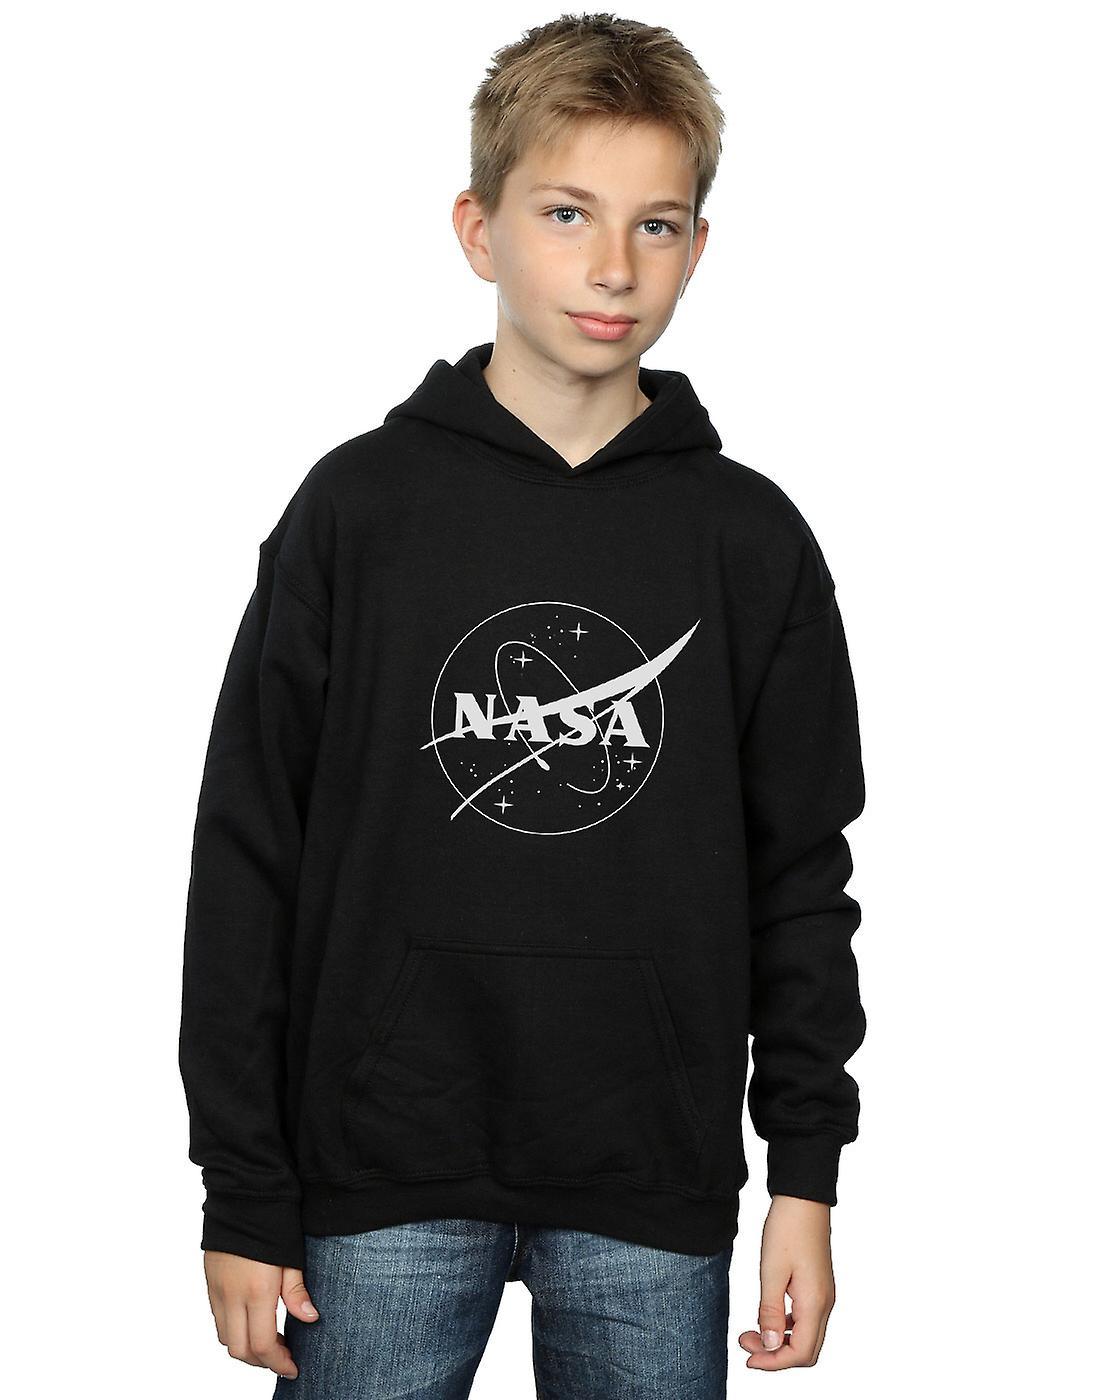 Monochroom Logo-Hoodie van de NASA jongens-klassieke Insignia